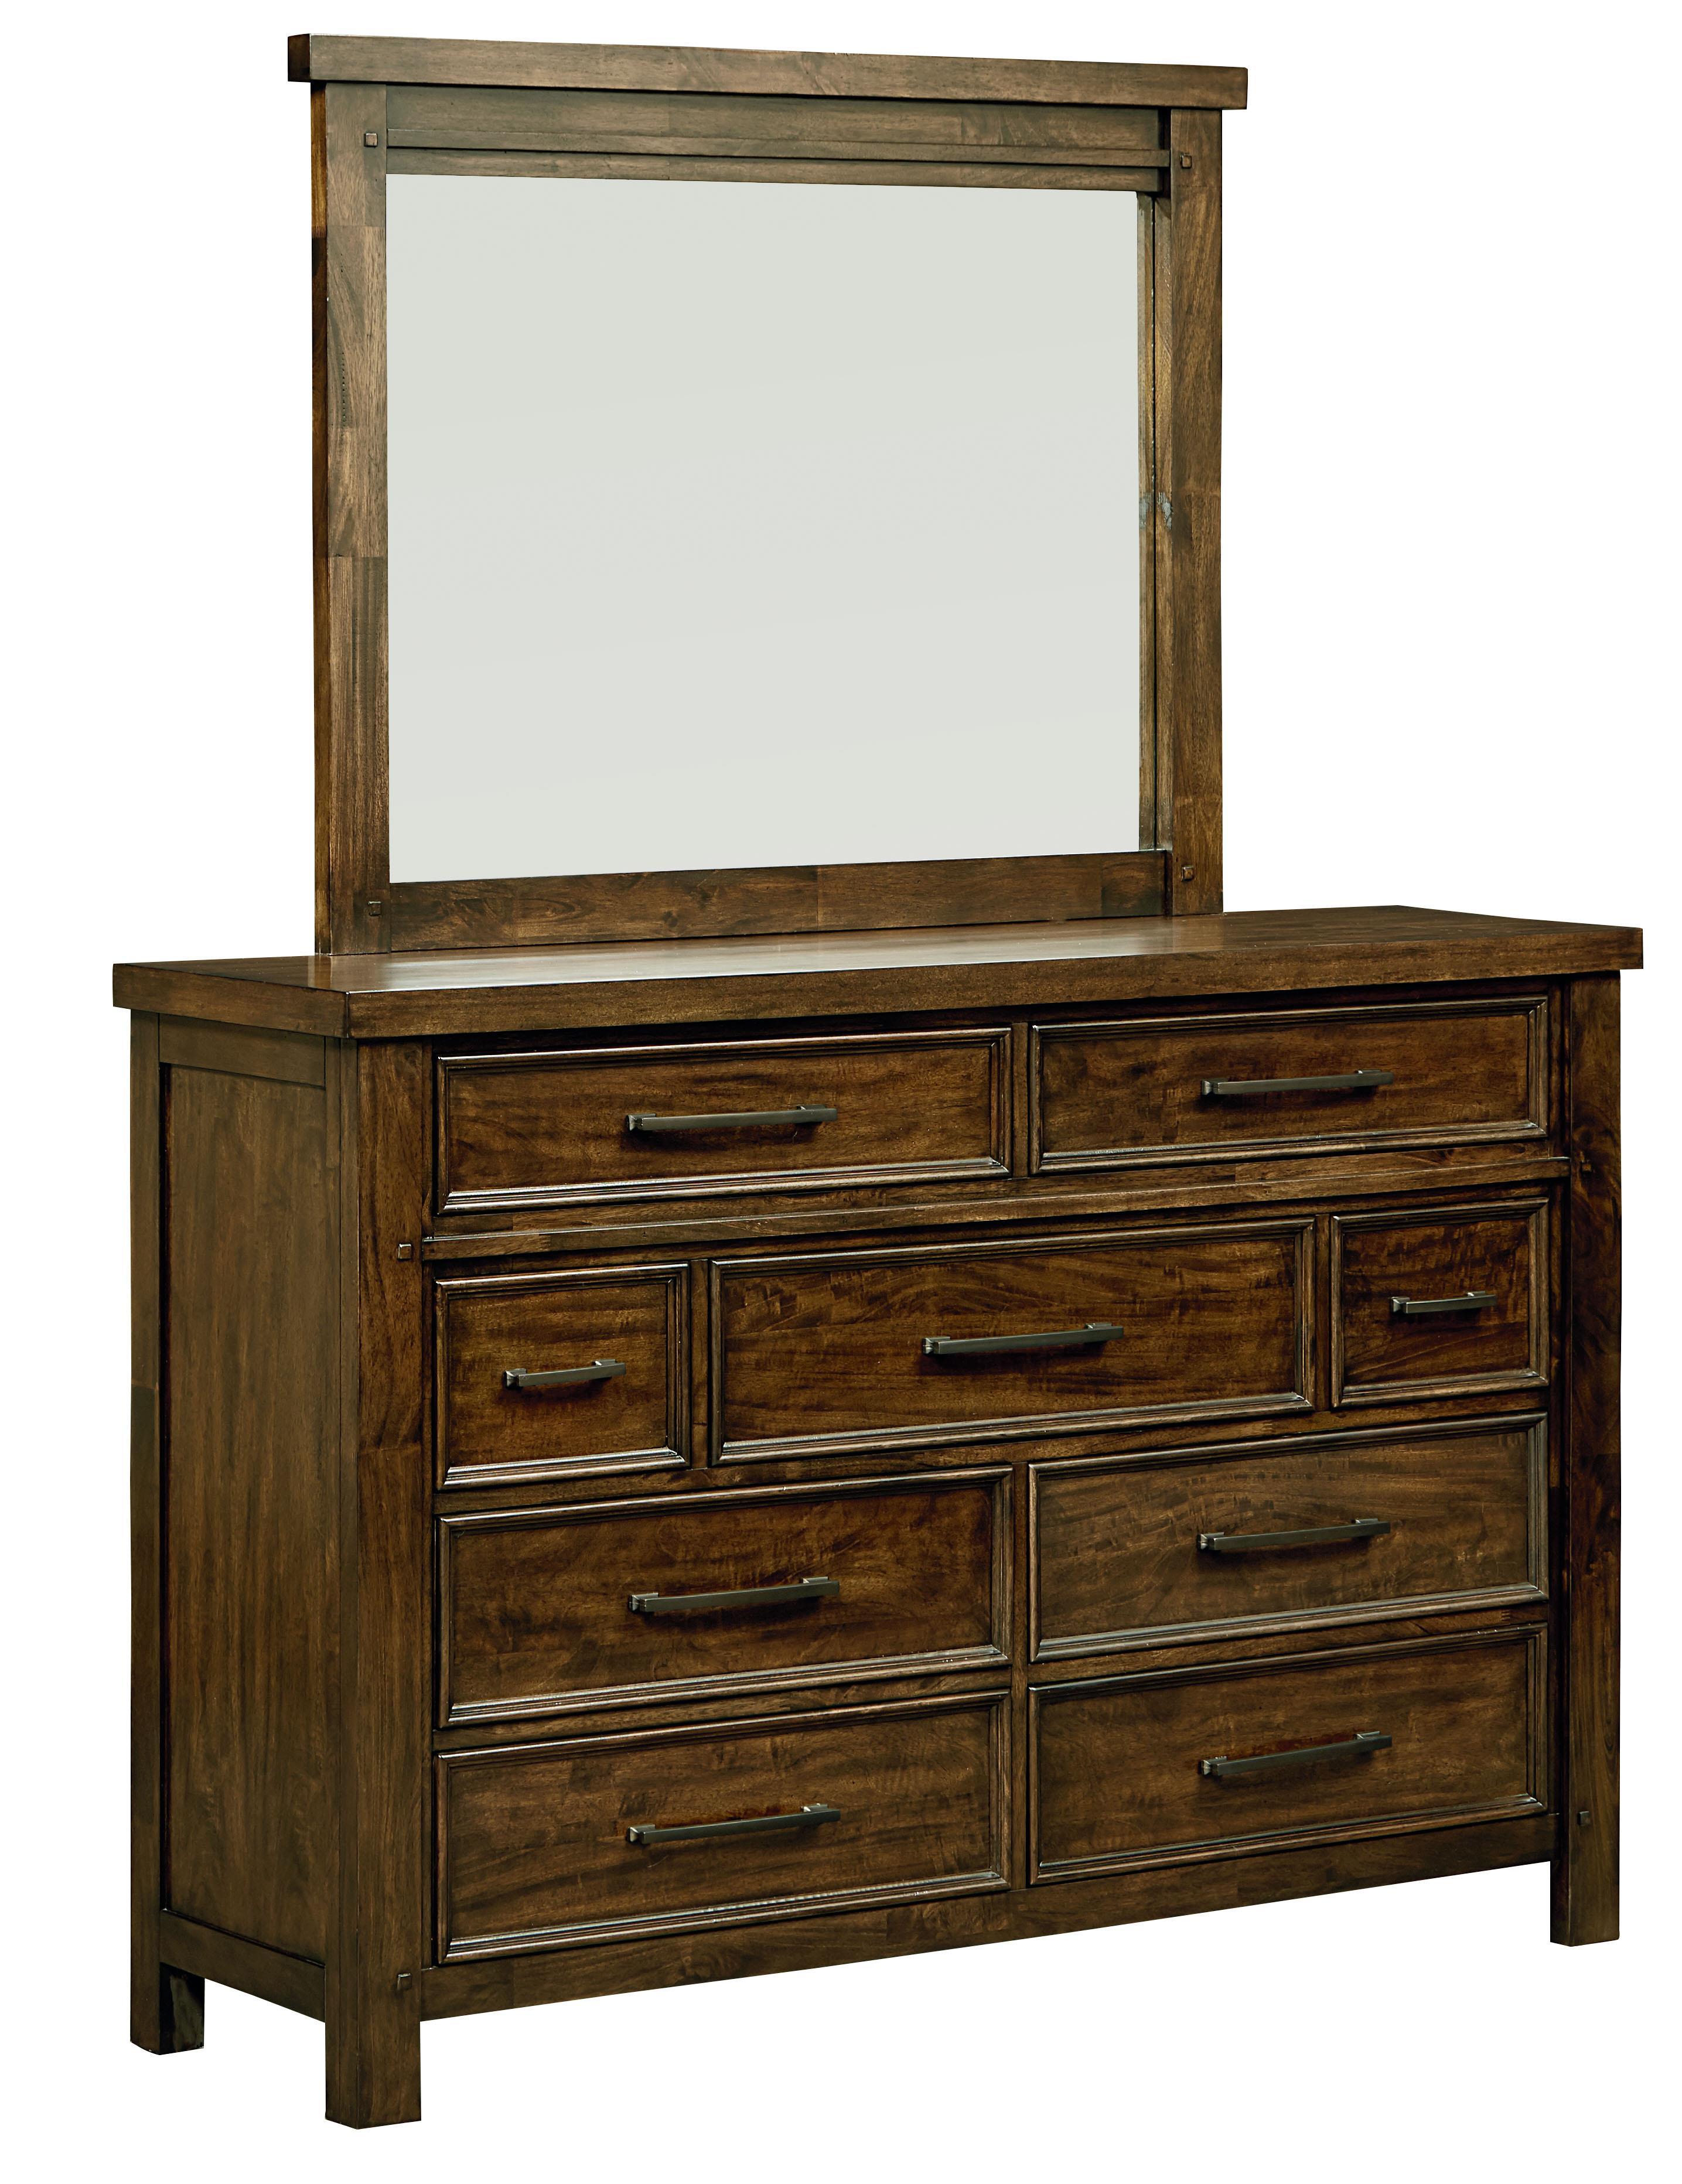 Standard Furniture Cameron Dresser and Mirror Set - Item Number: 85158+9